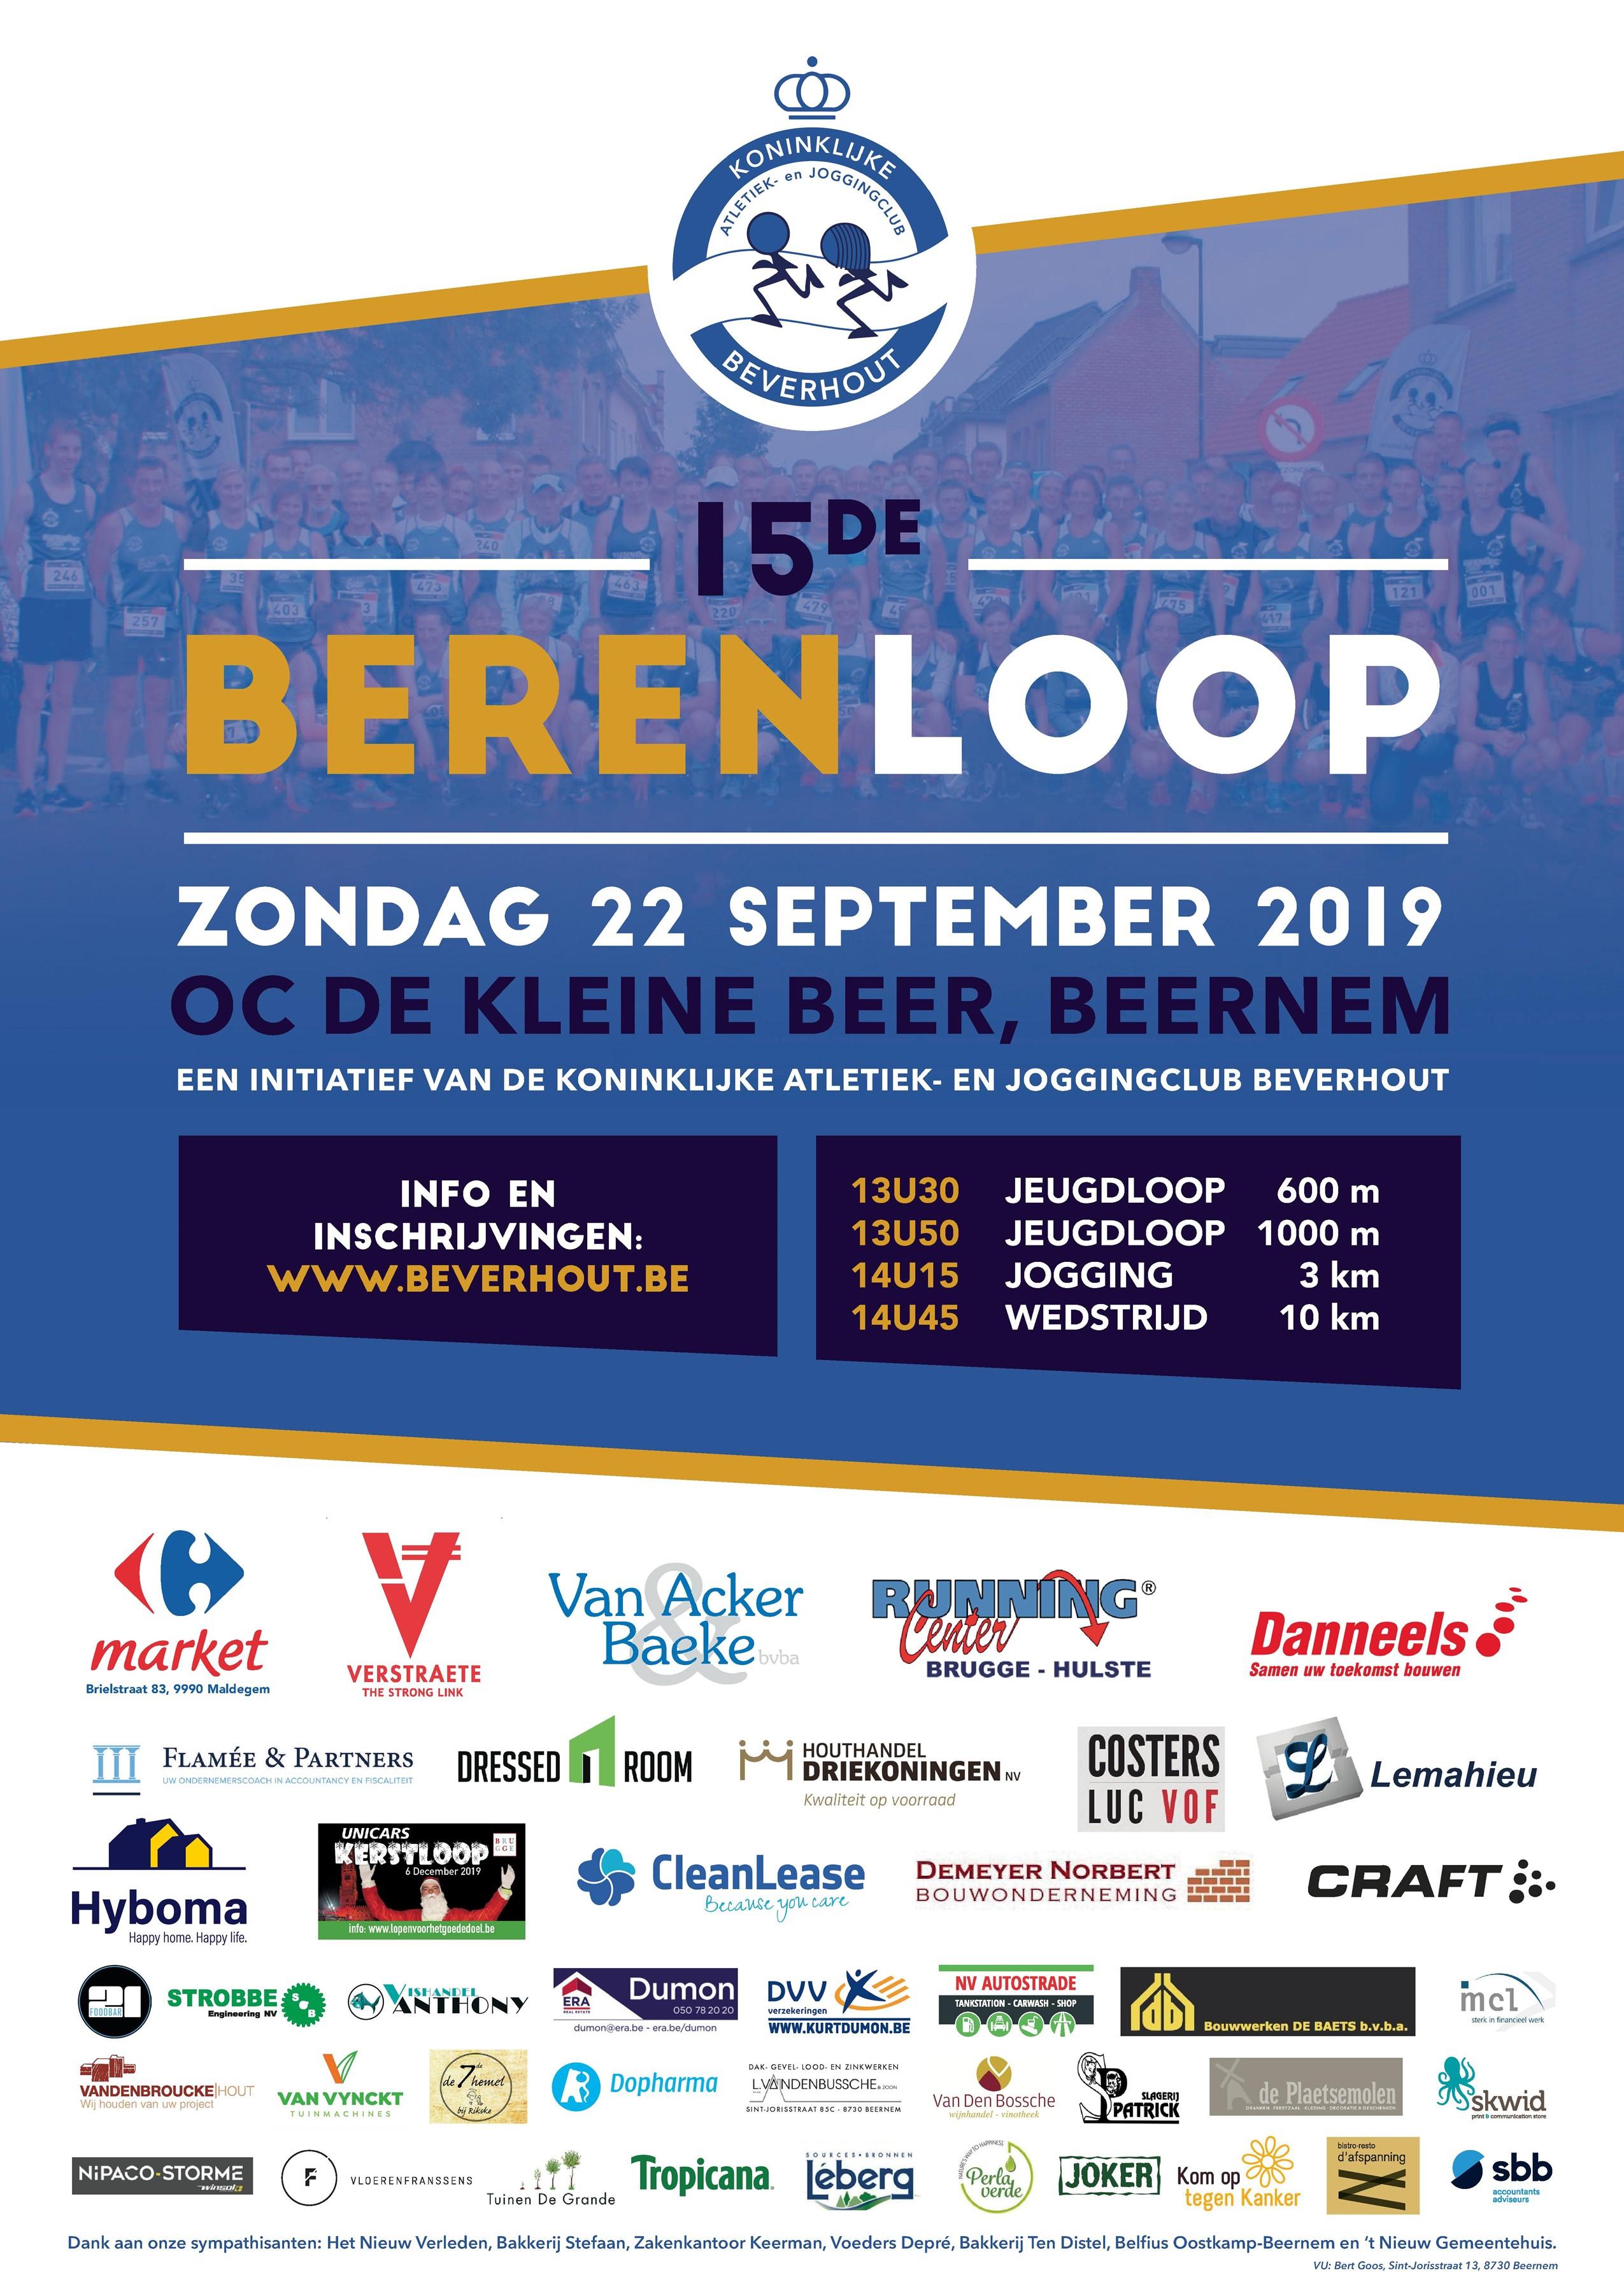 15e Berenloop